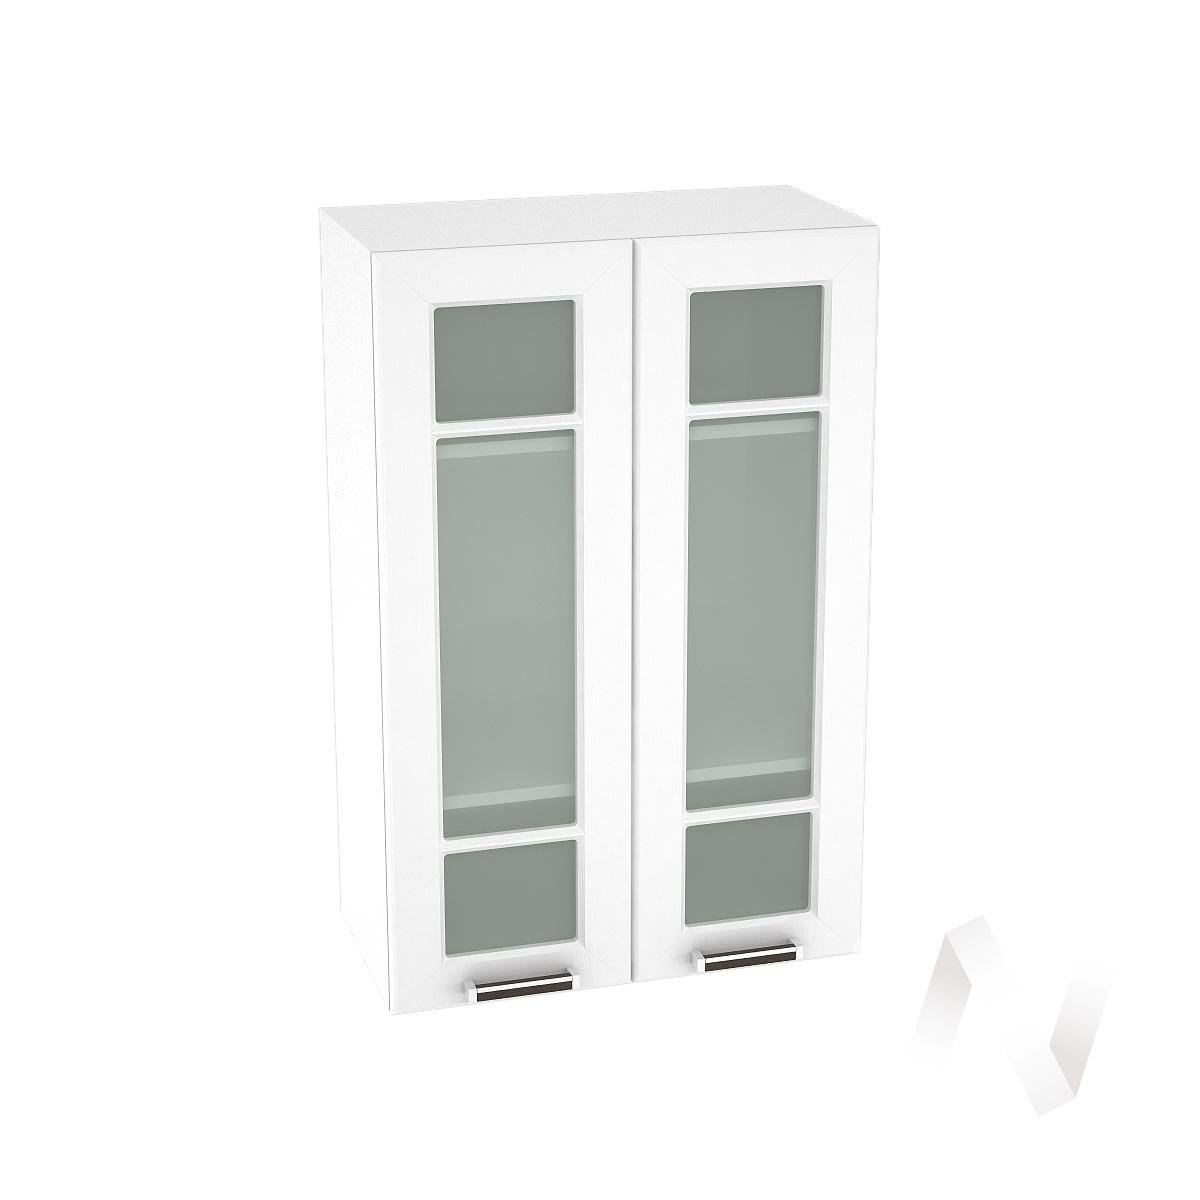 """Кухня """"Прага"""": Шкаф верхний со стеклом 609, ШВС 609 новый (белое дерево/корпус белый)"""